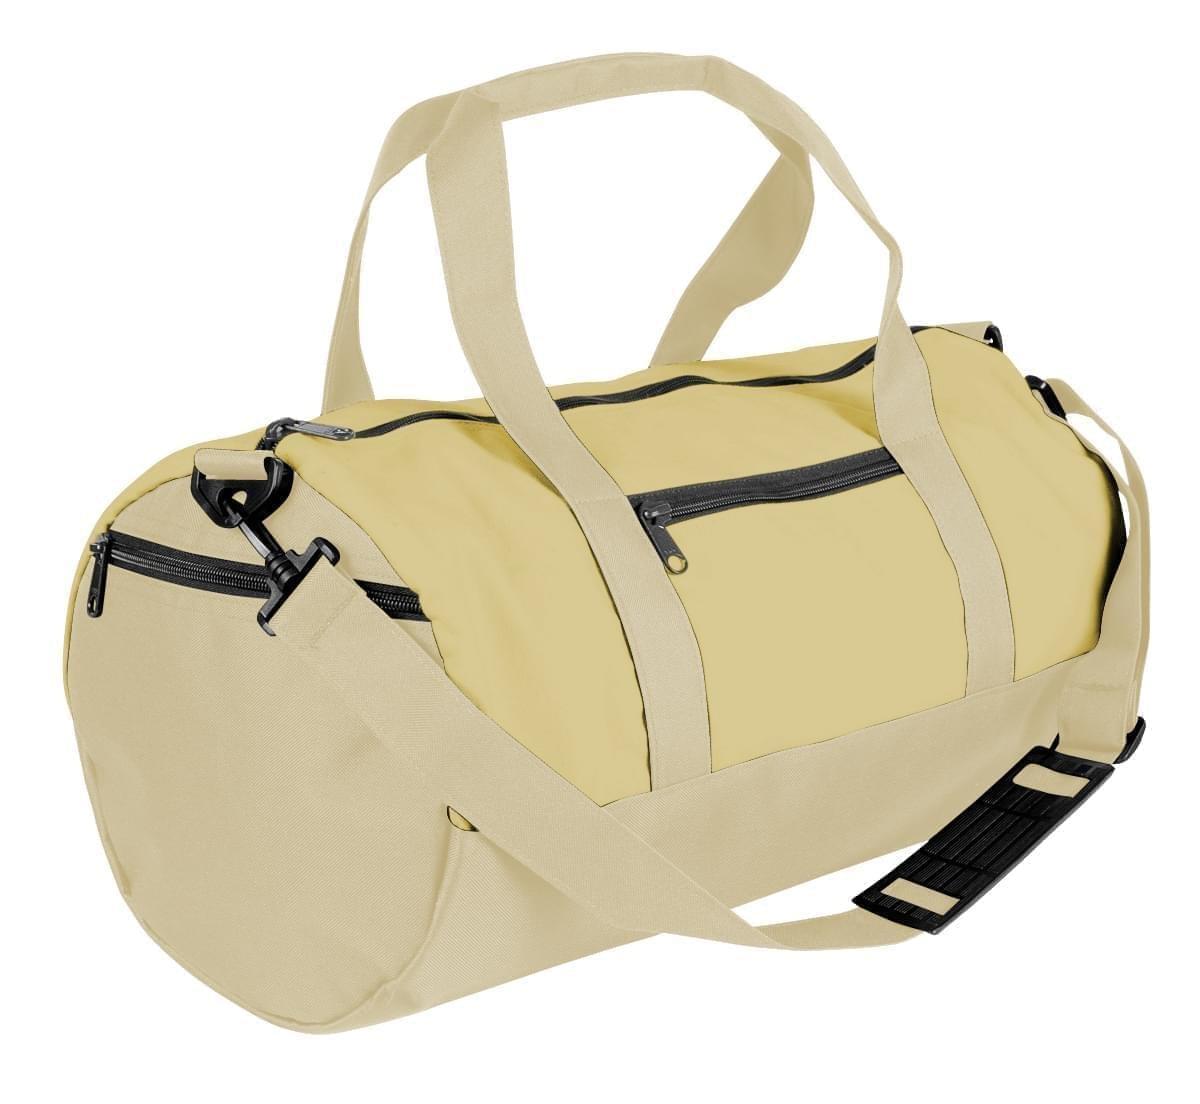 USA Made Canvas Equipment Duffle Bags, Natural-Natural, PMLXZ2AAKA